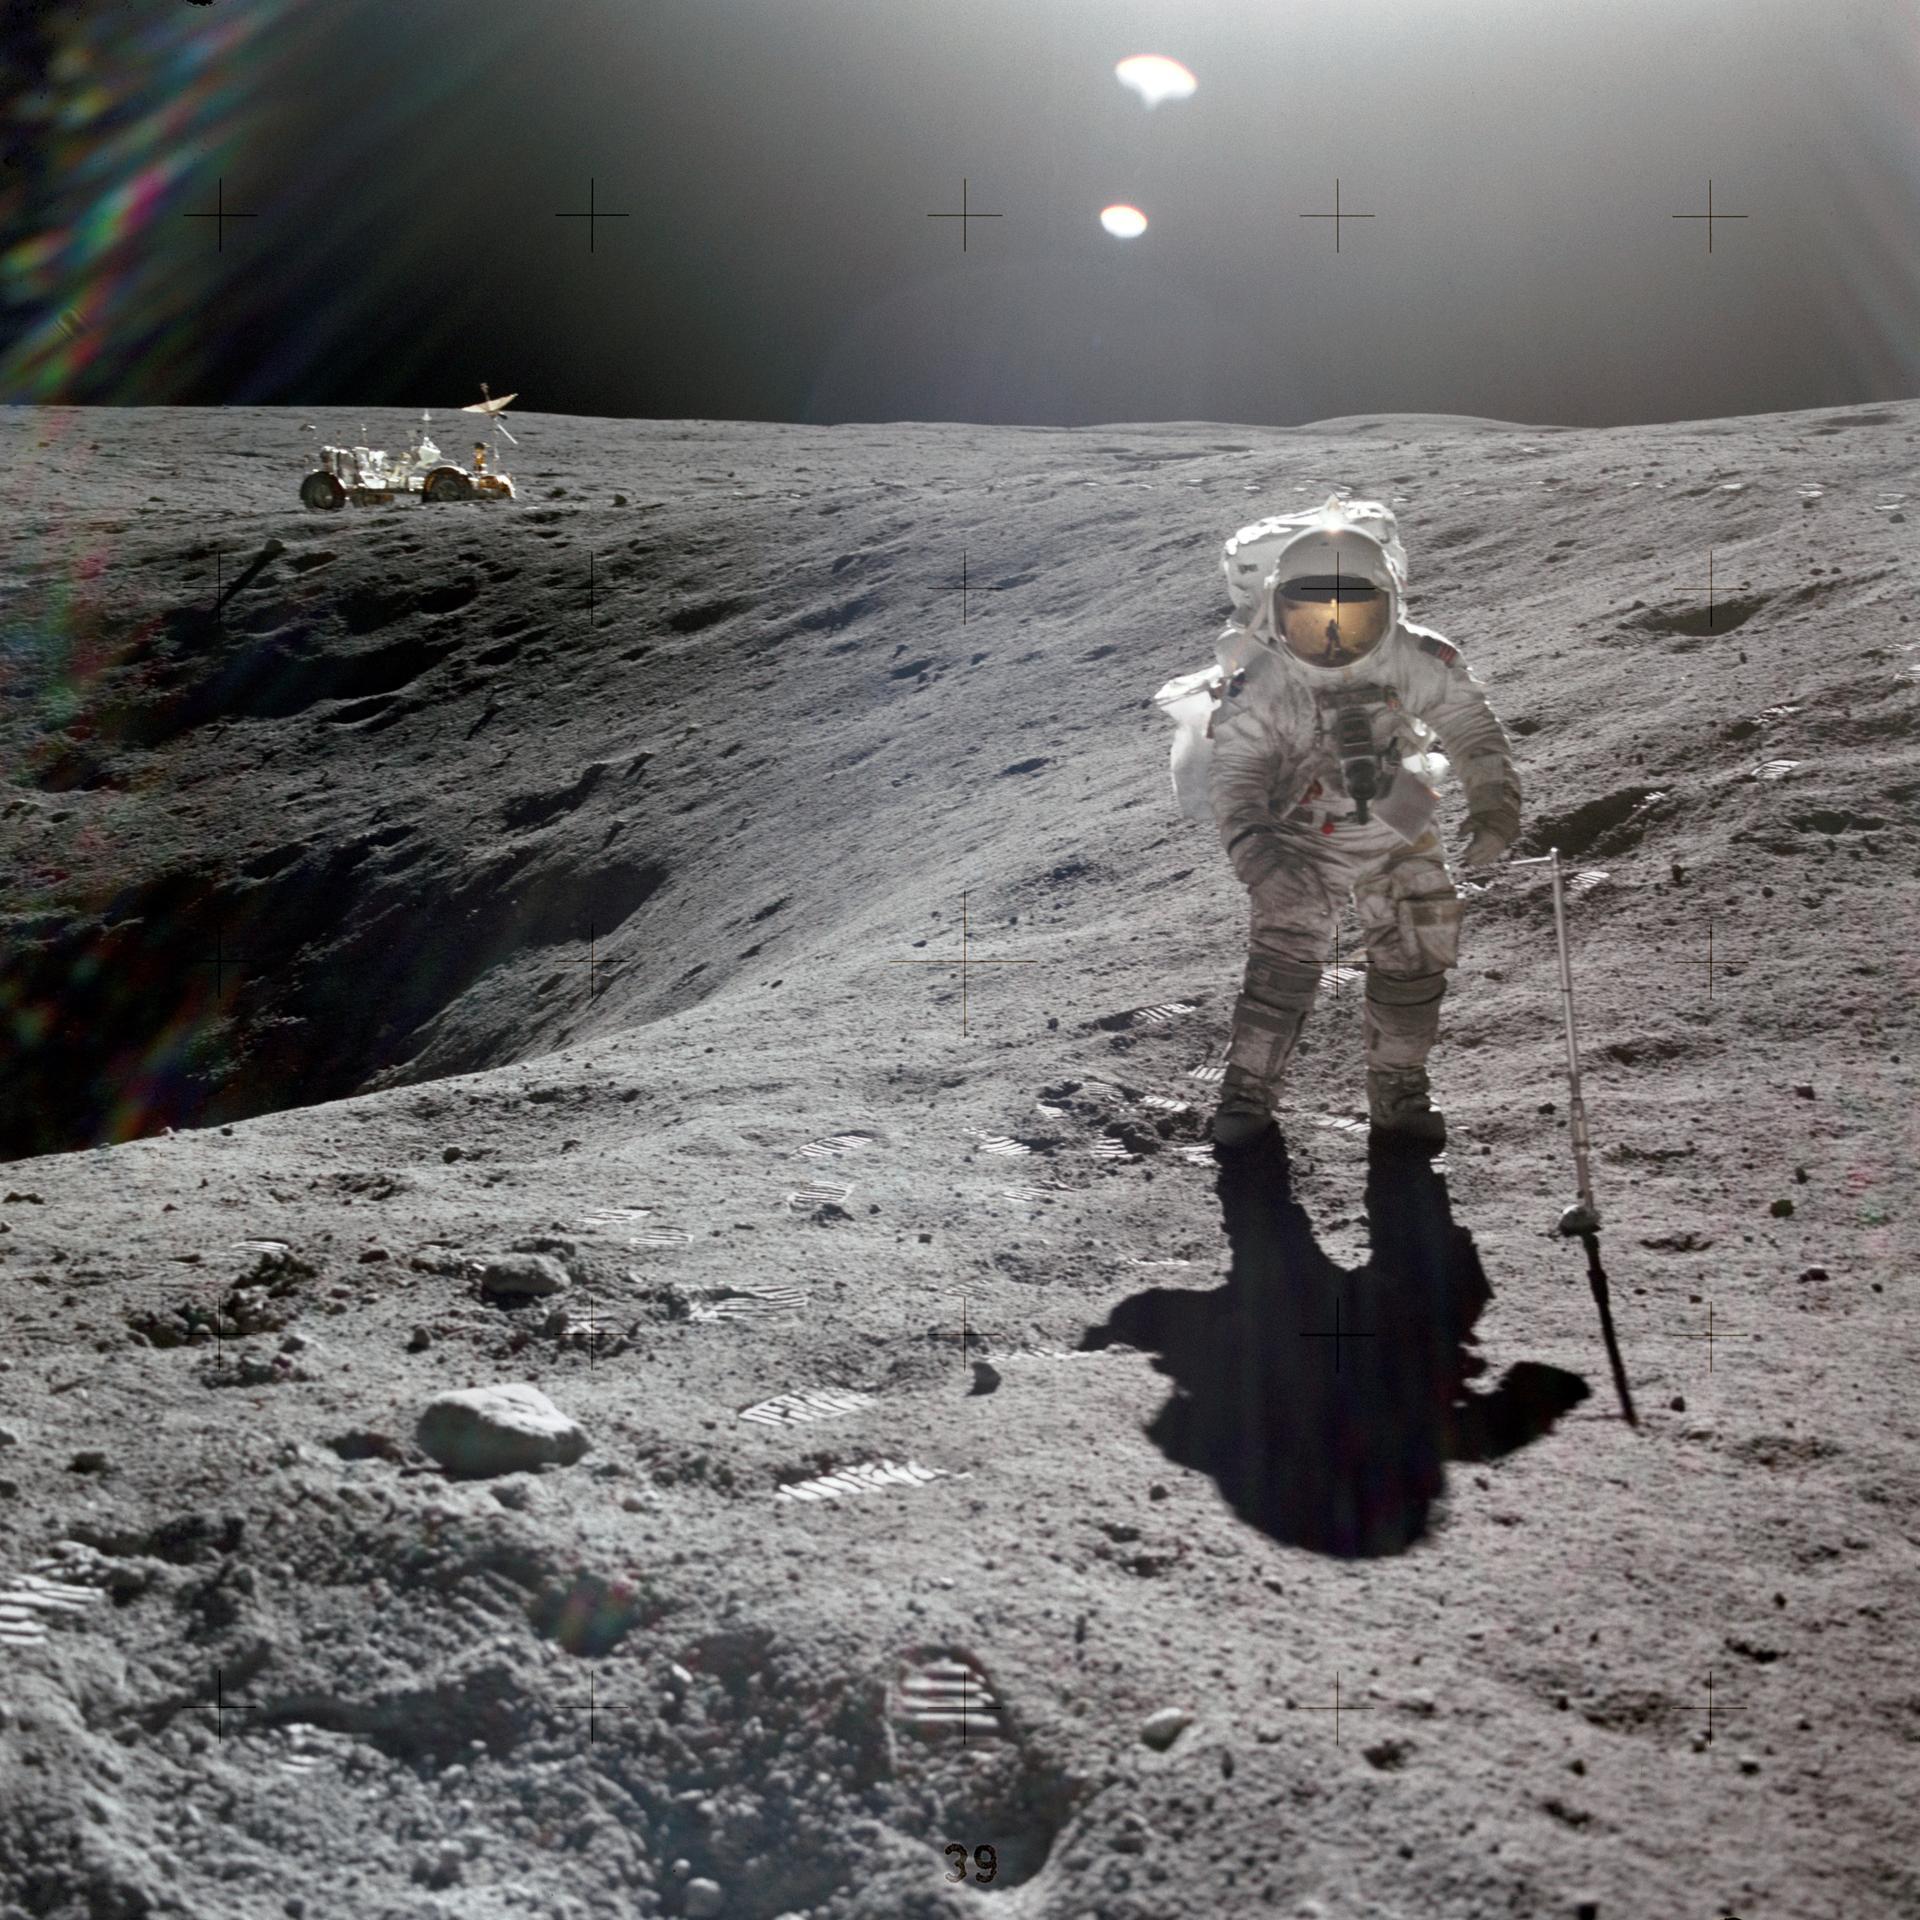 Charles Duke, piloot van de maanlander, op de rand van een maankrater,